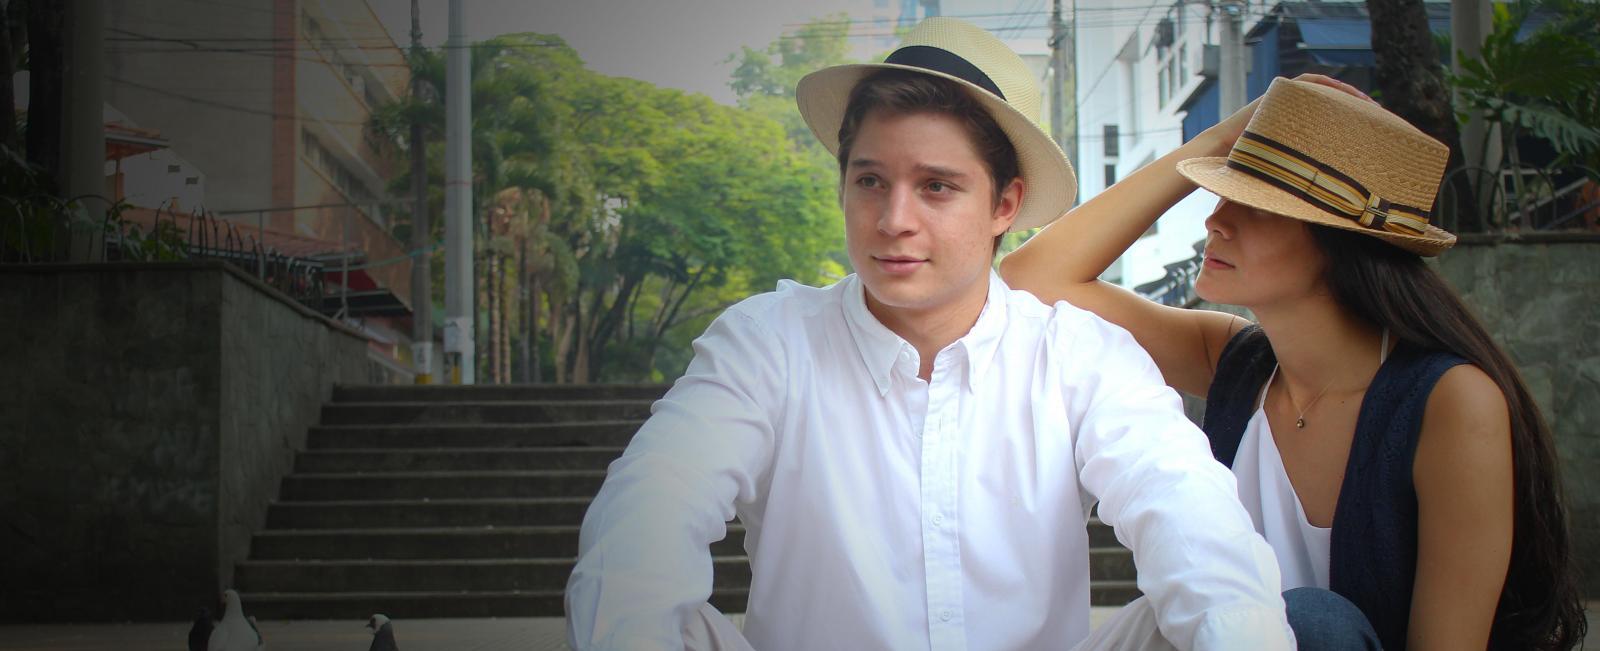 Distribuidora Nacional de Sombreros - Dinalsom bc6456f0dd1